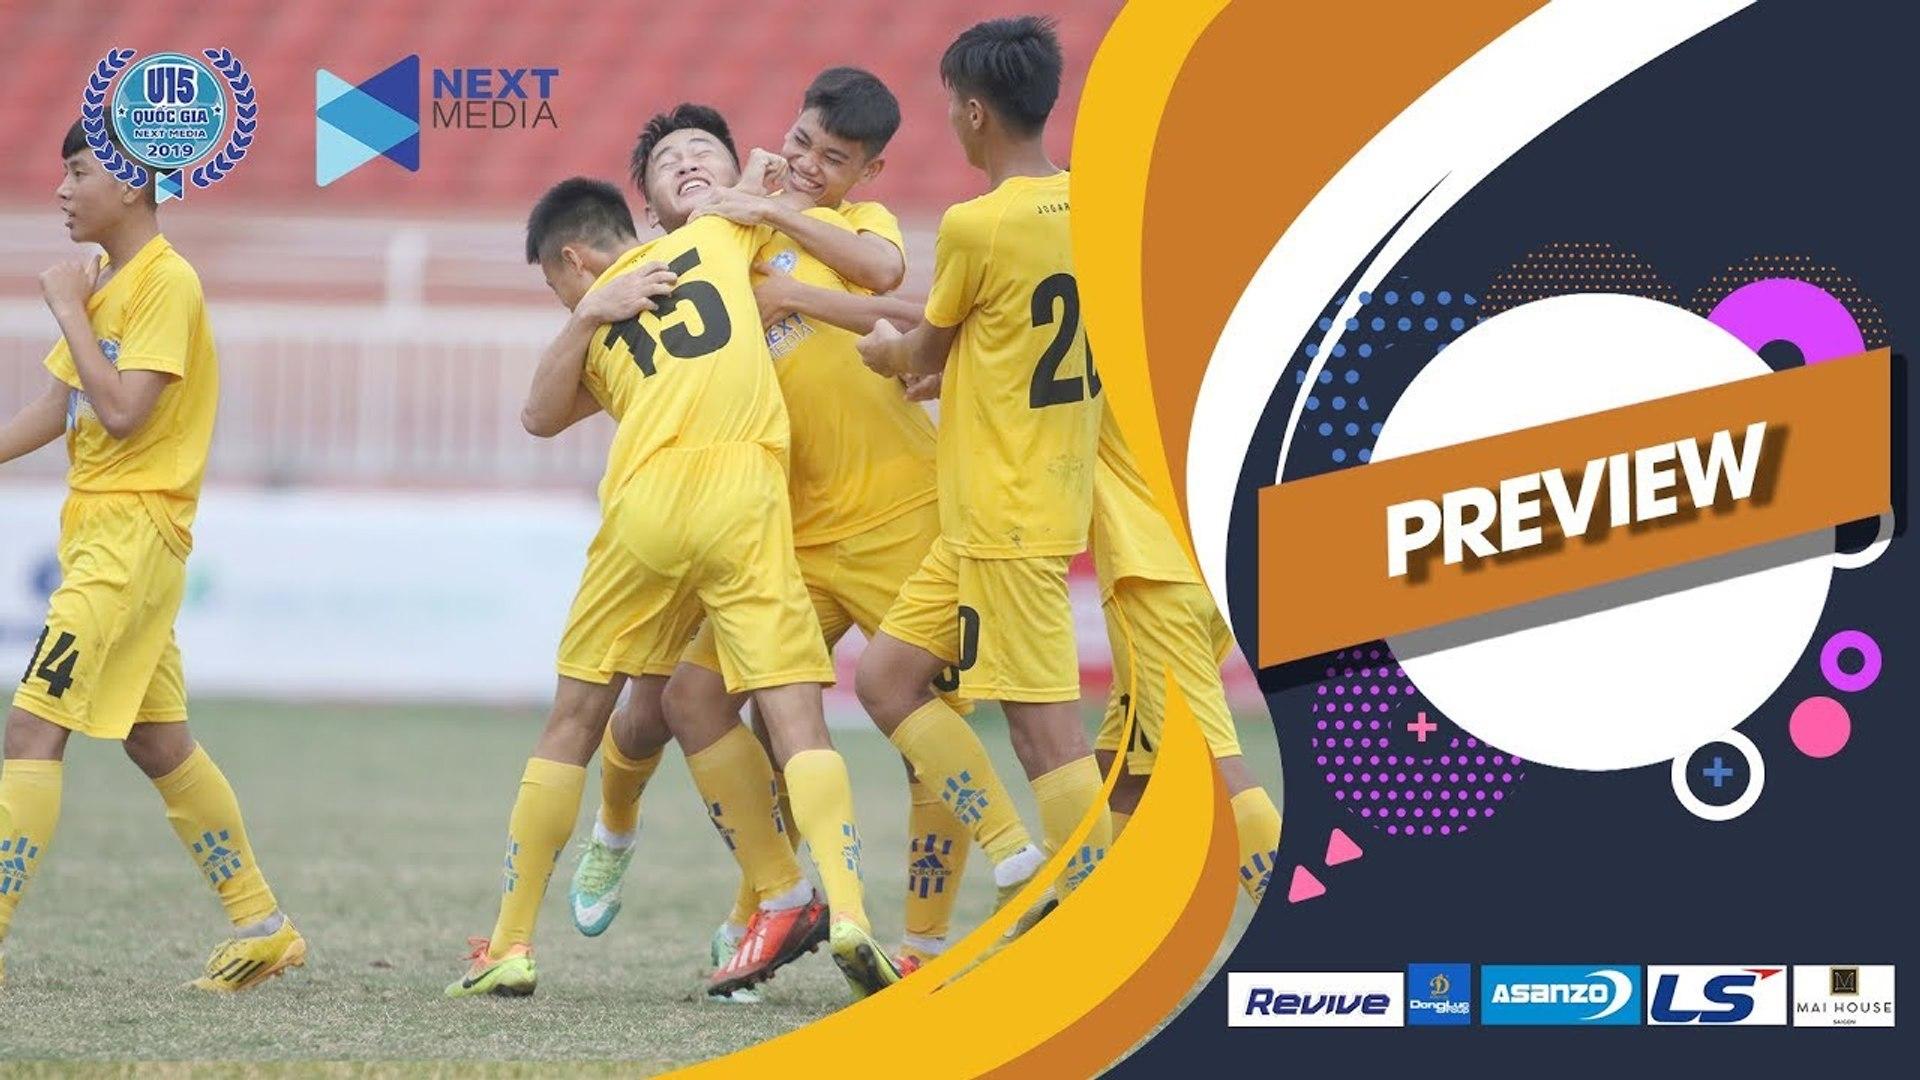 U15 Viettel - U15 Thanh Hóa: Đối trọng cân xứng, thách thức ngôi vương của U15 SLNA | VFF Channel